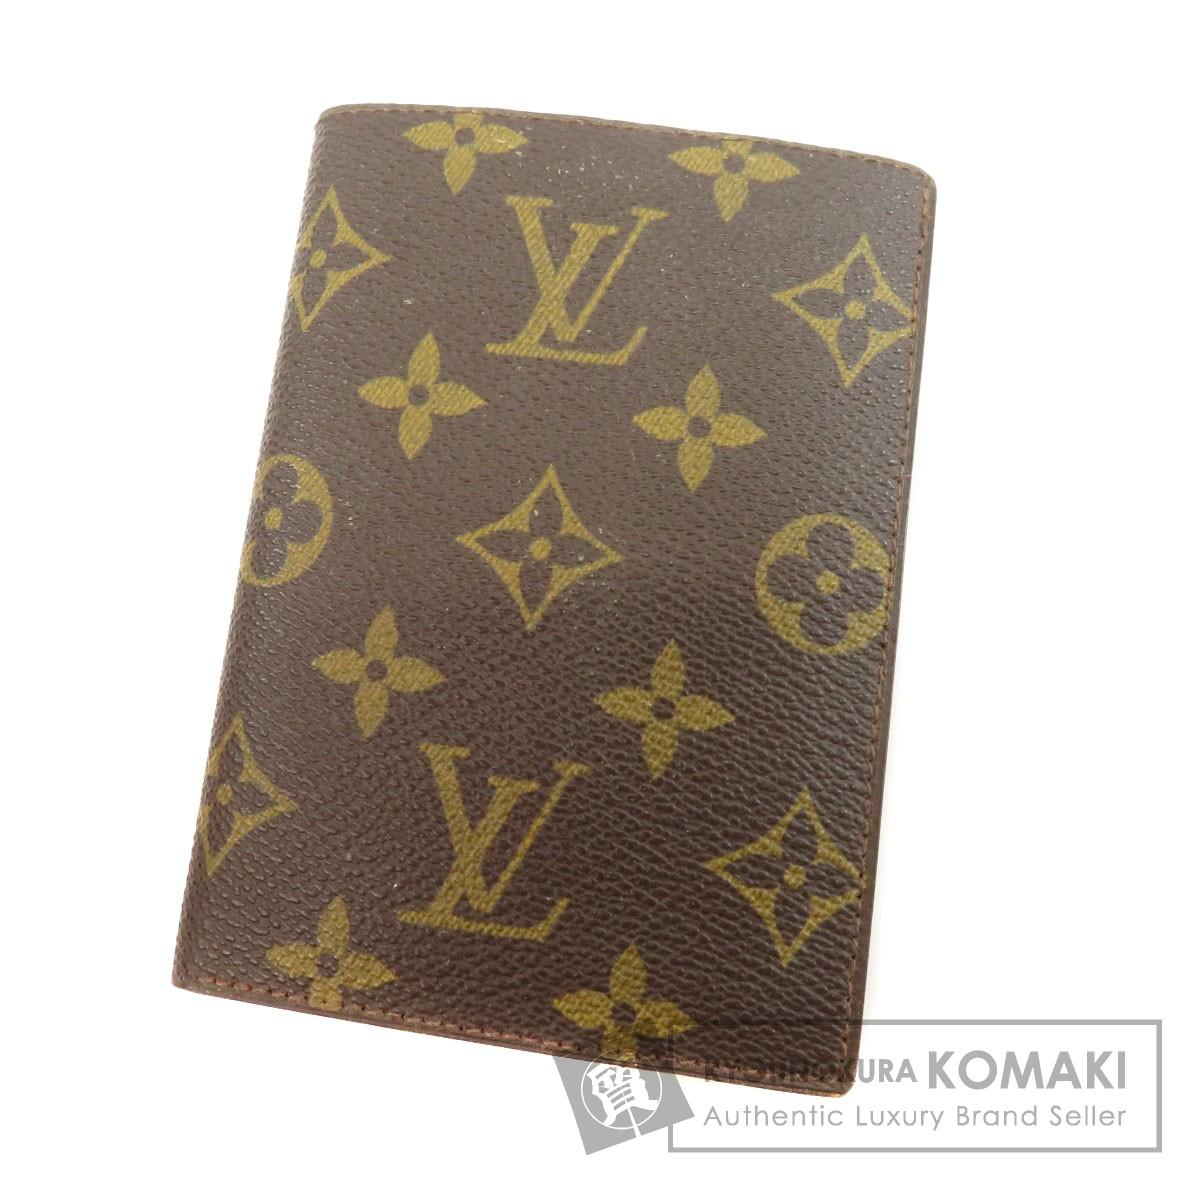 LOUIS VUITTON 廃盤品 二つ折り財布(小銭入れあり) モノグラムキャンバス メンズ 【中古】【ルイ・ヴィトン】